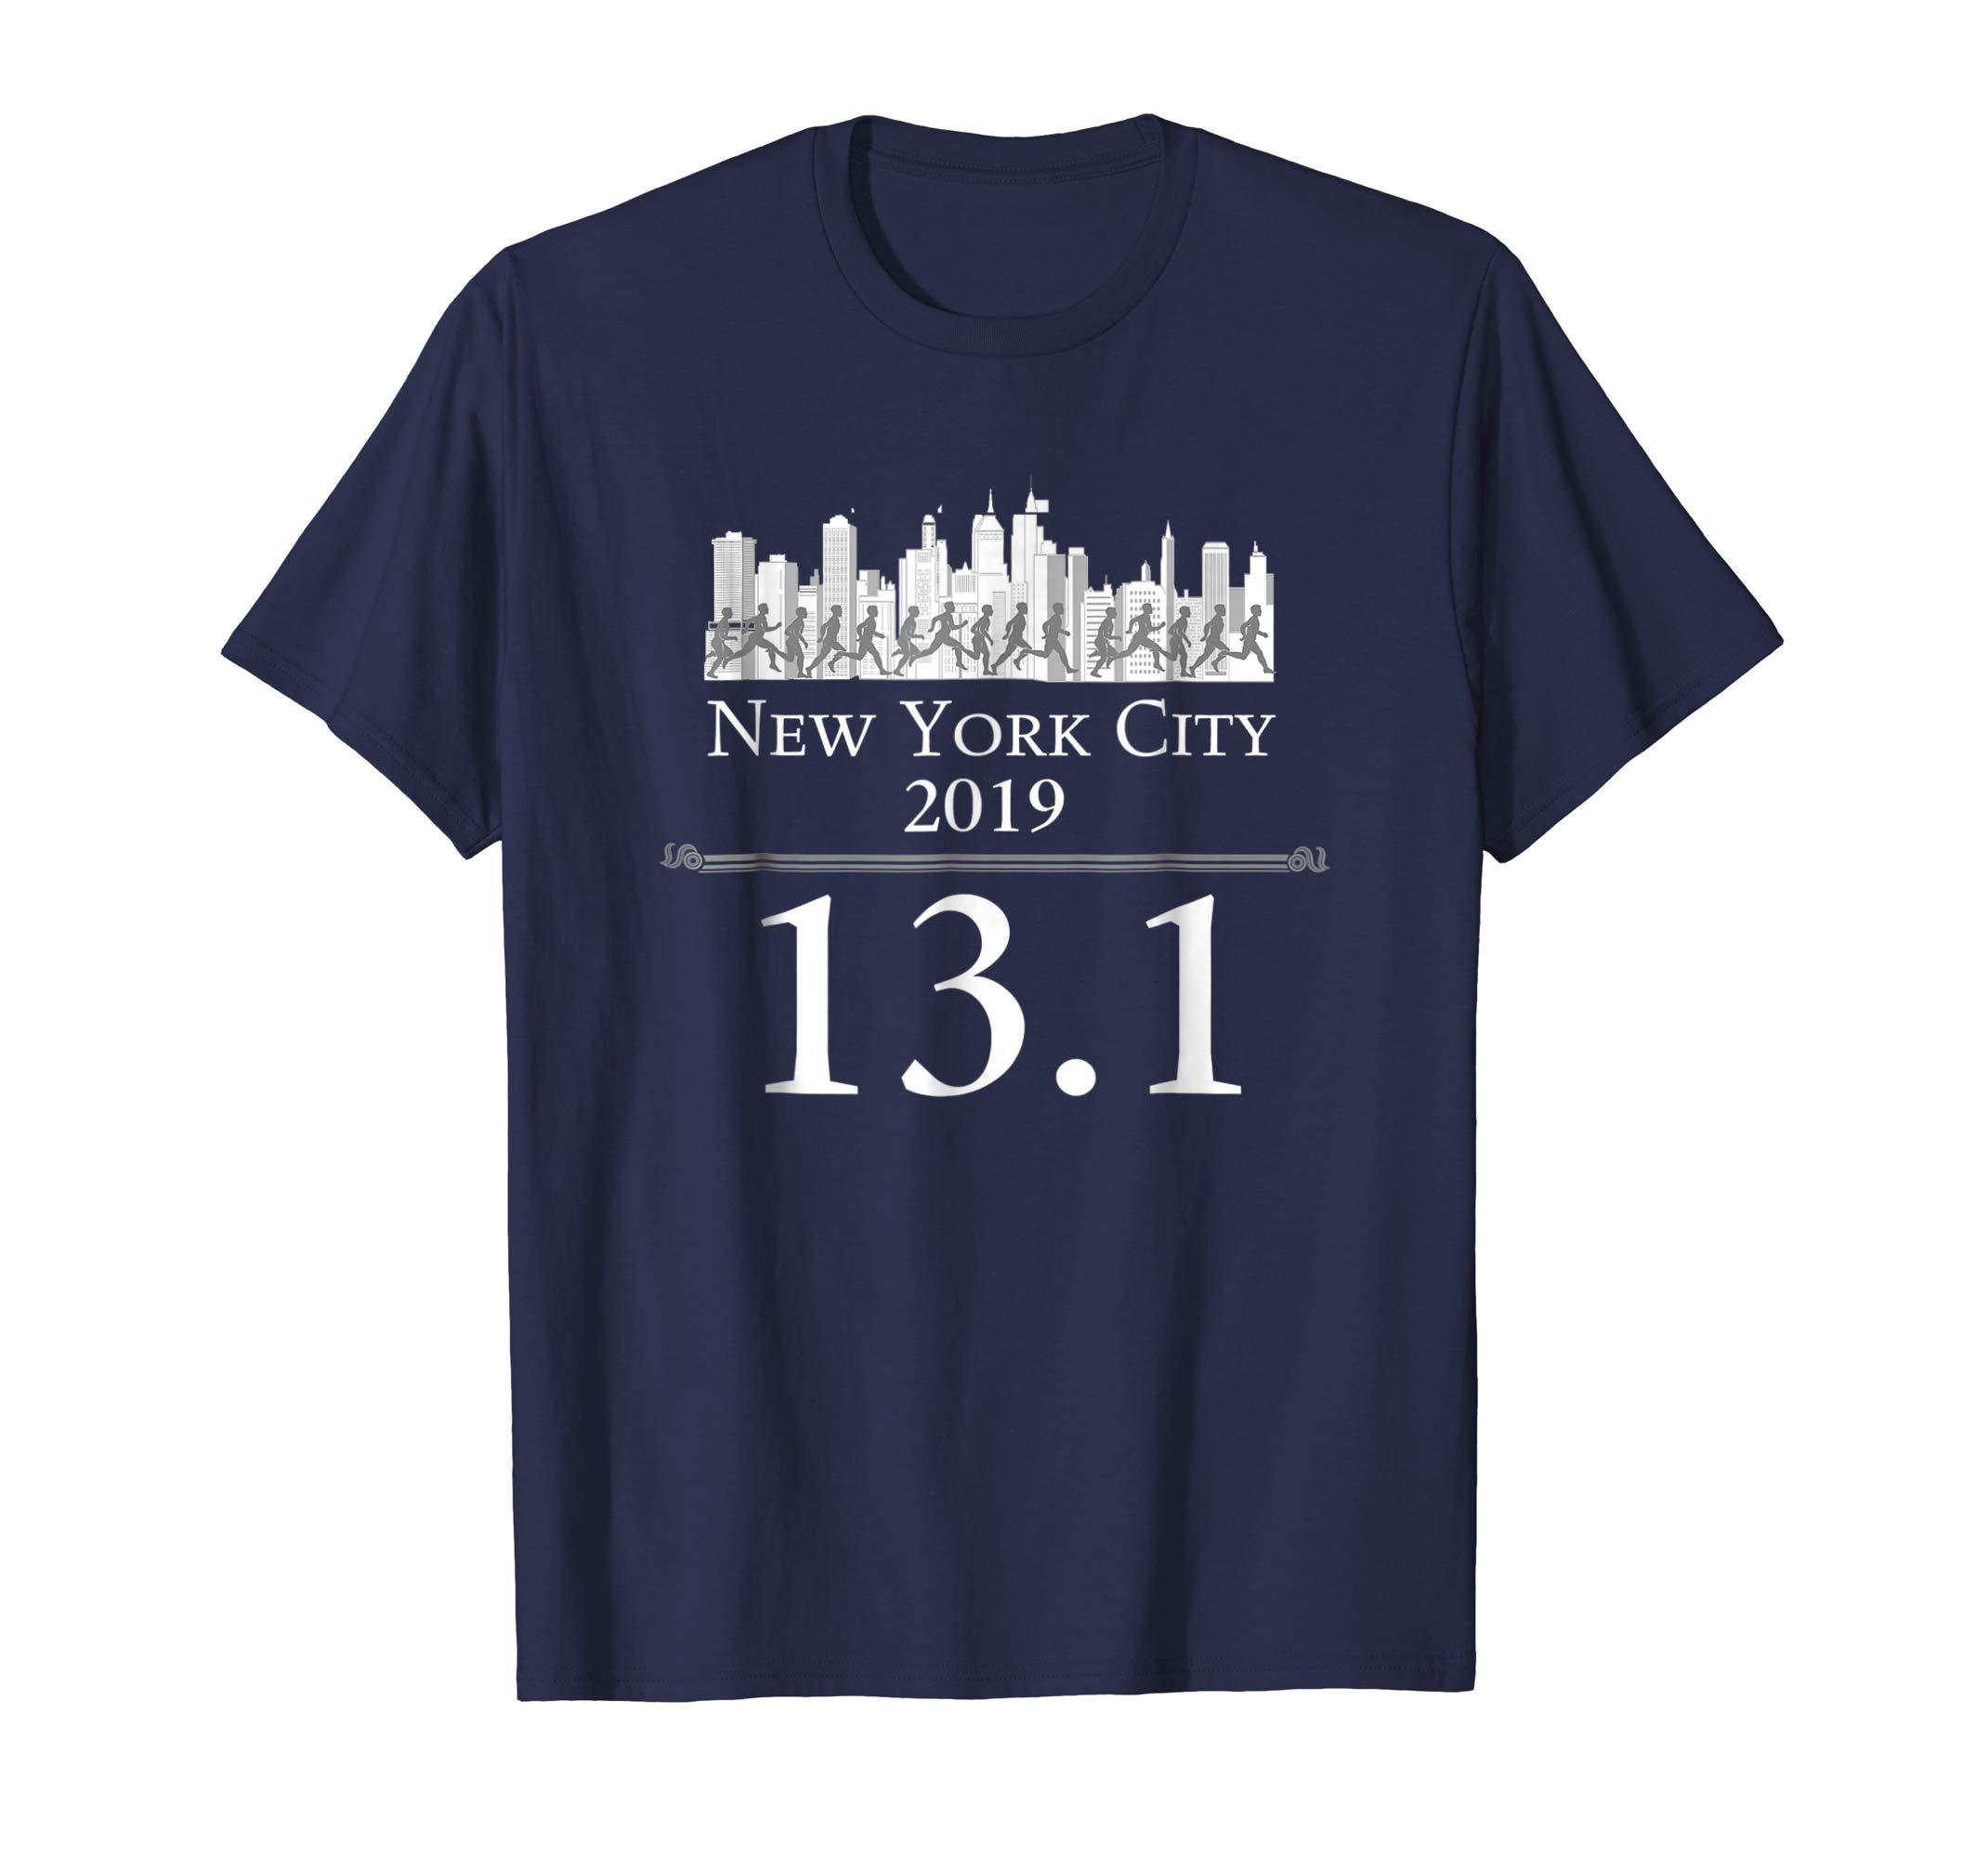 NYC Half Marathon Shirt New York City 2019 Runners-azvn